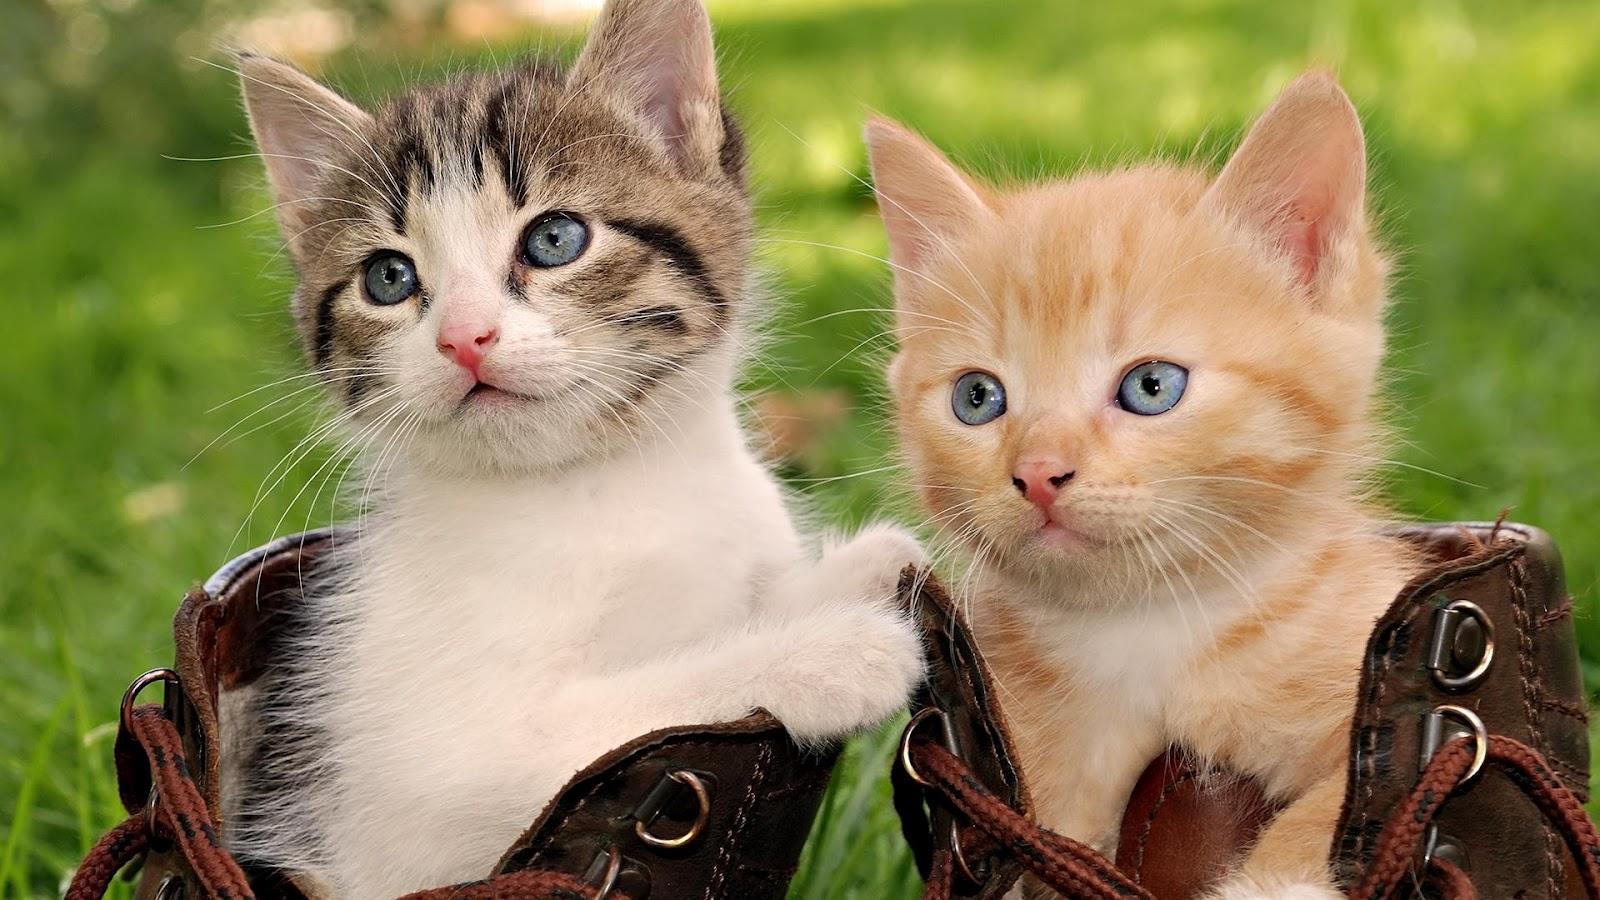 Cute cats #4 | Cute Cats